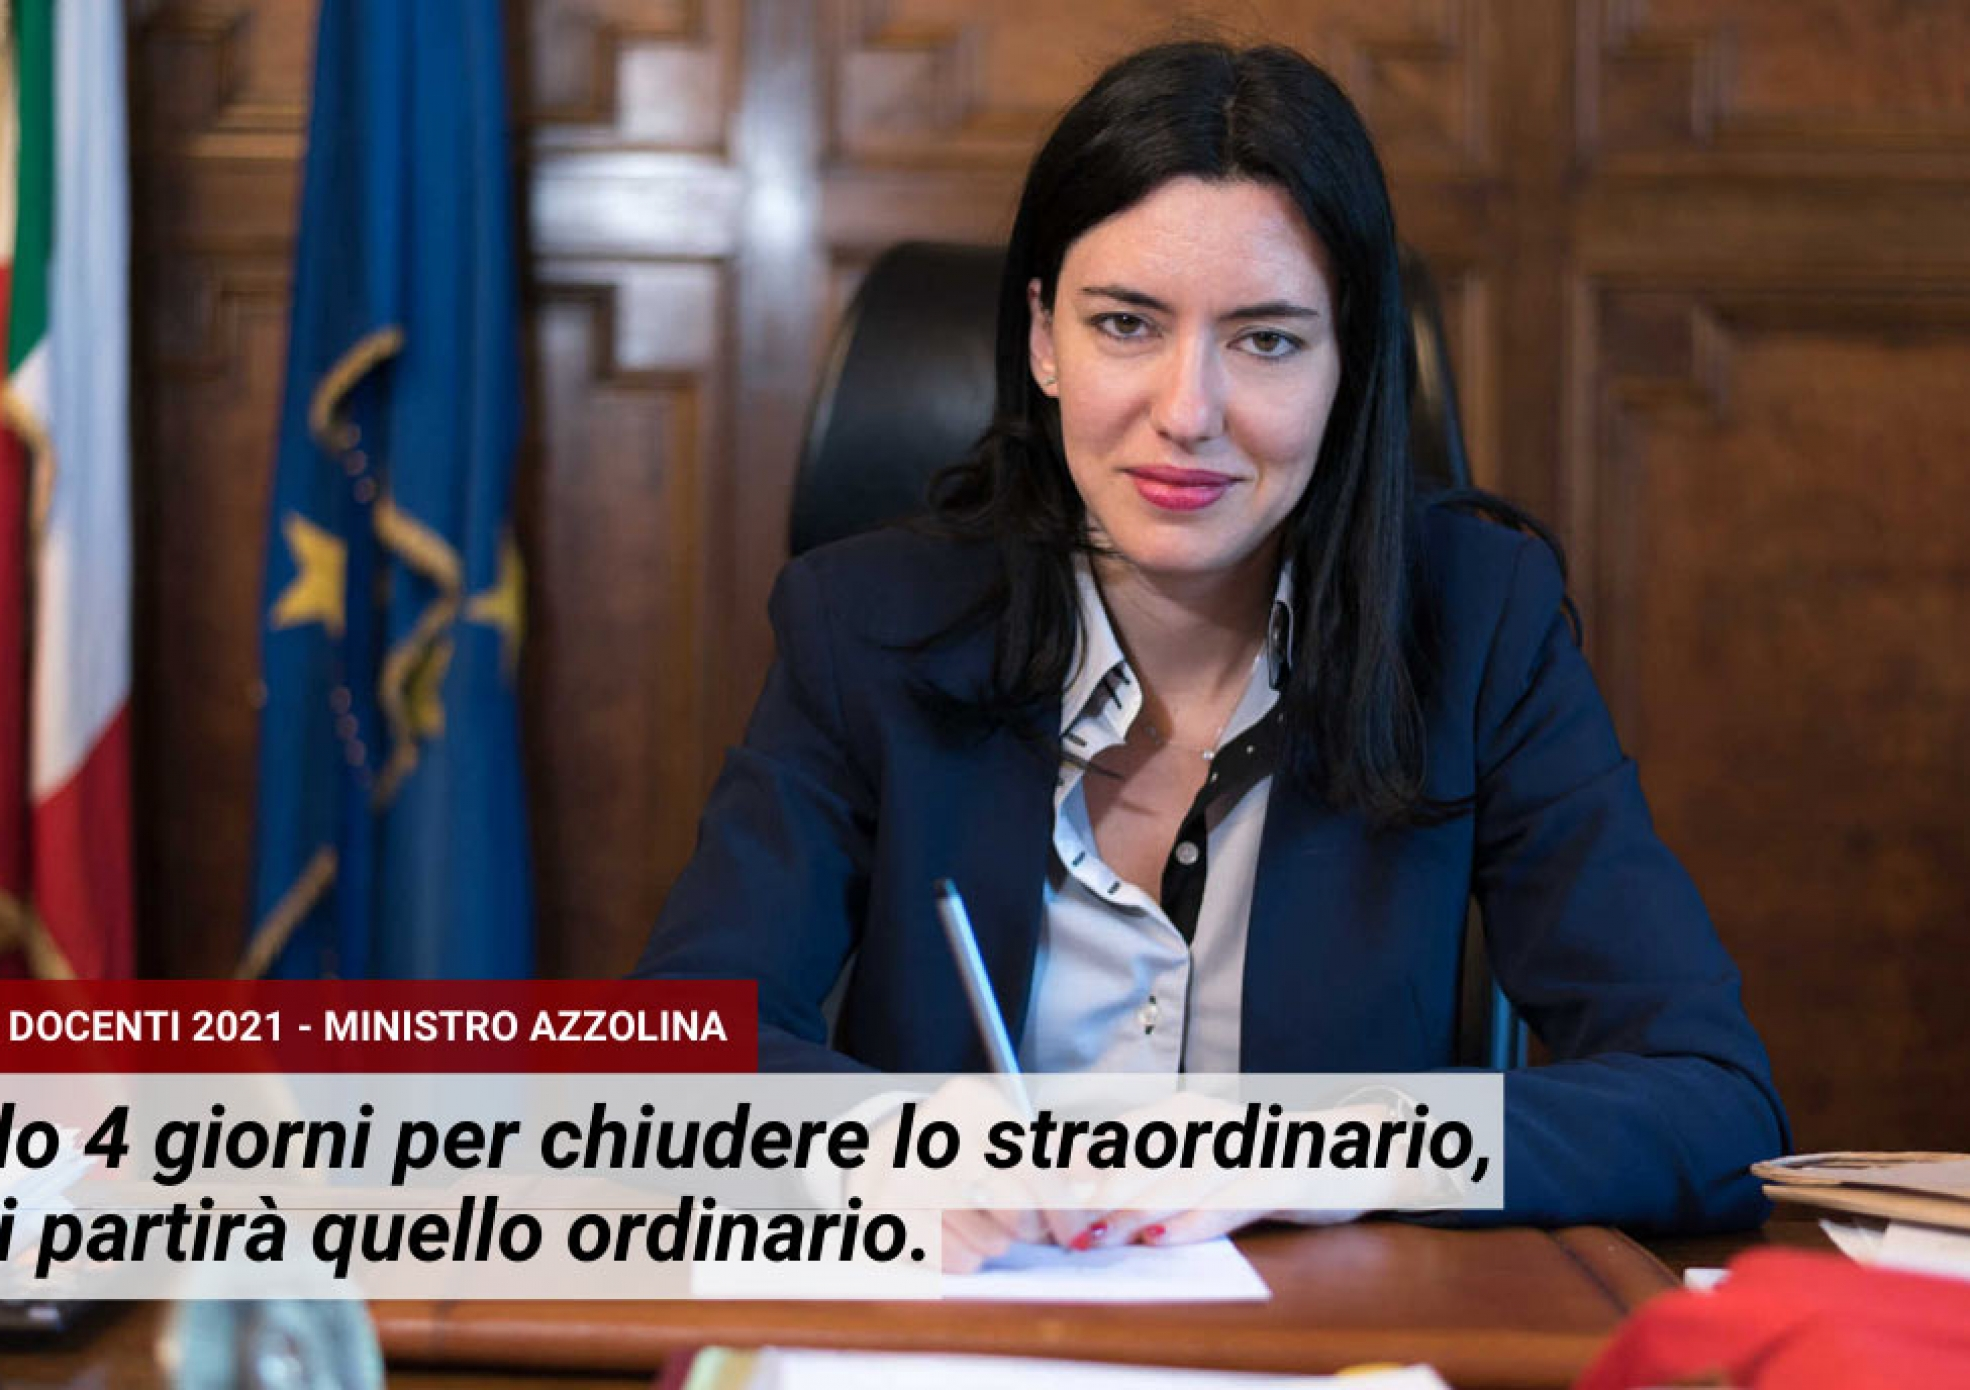 Concorso-Docenti_news_scuola_cervantes